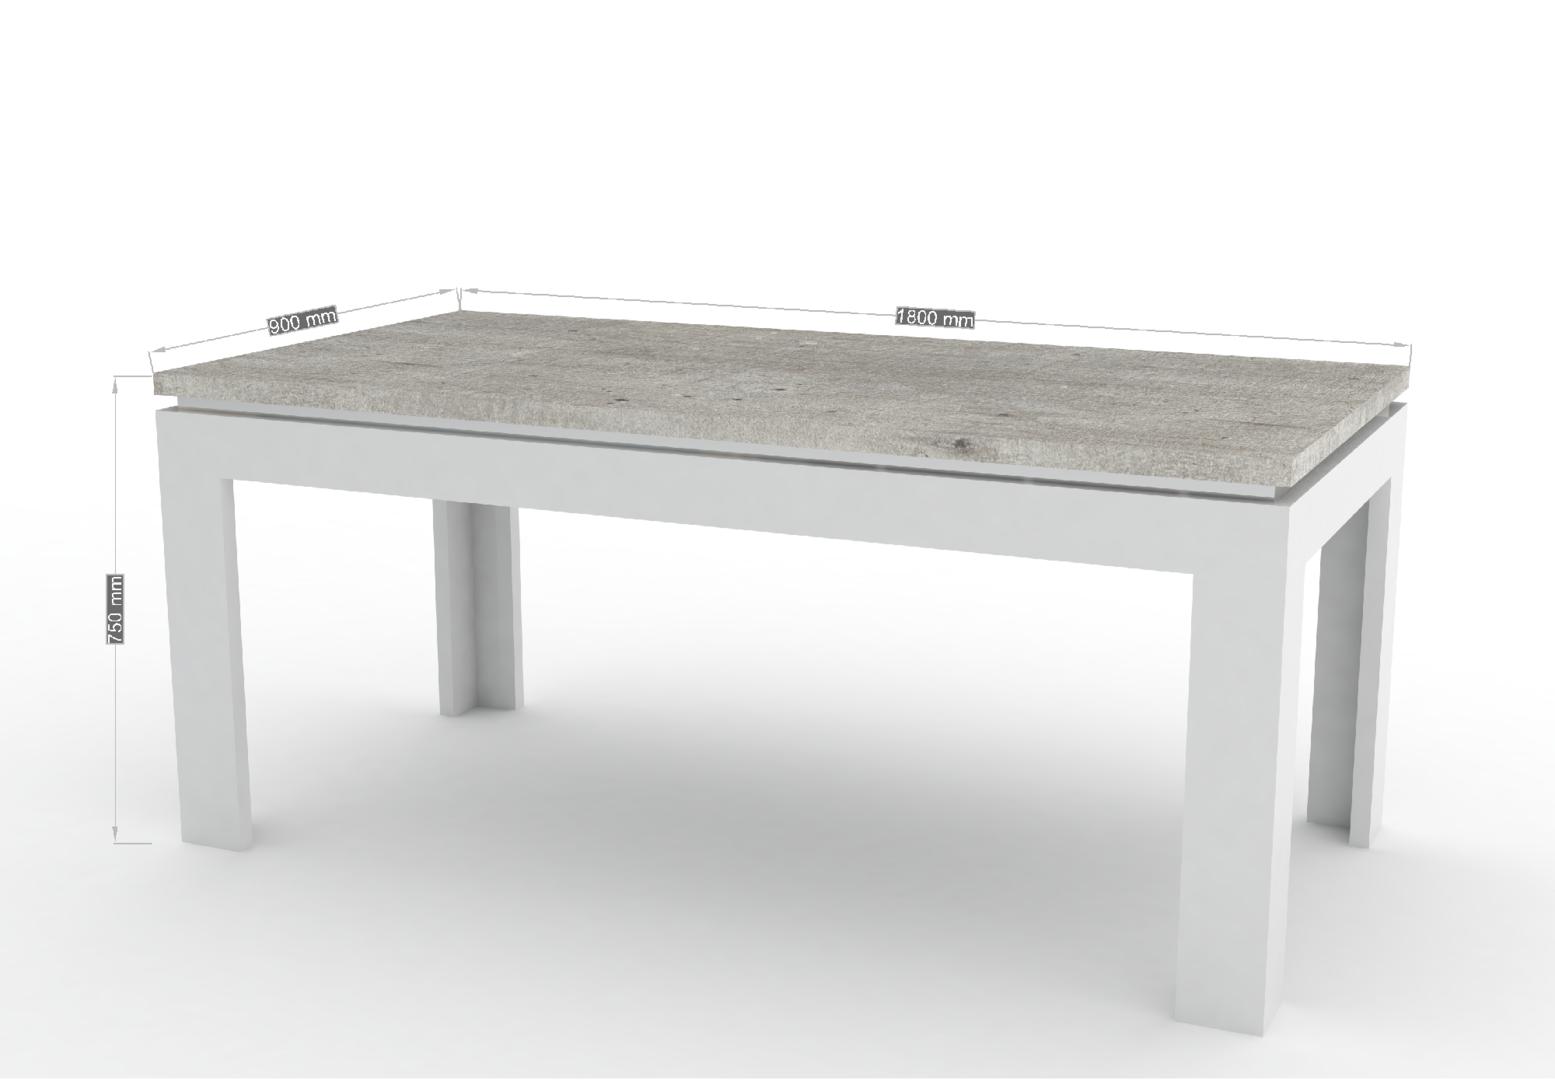 Tavolo moderno bianco messico mobile per sala da pranzo for Tavolo da cucina usato